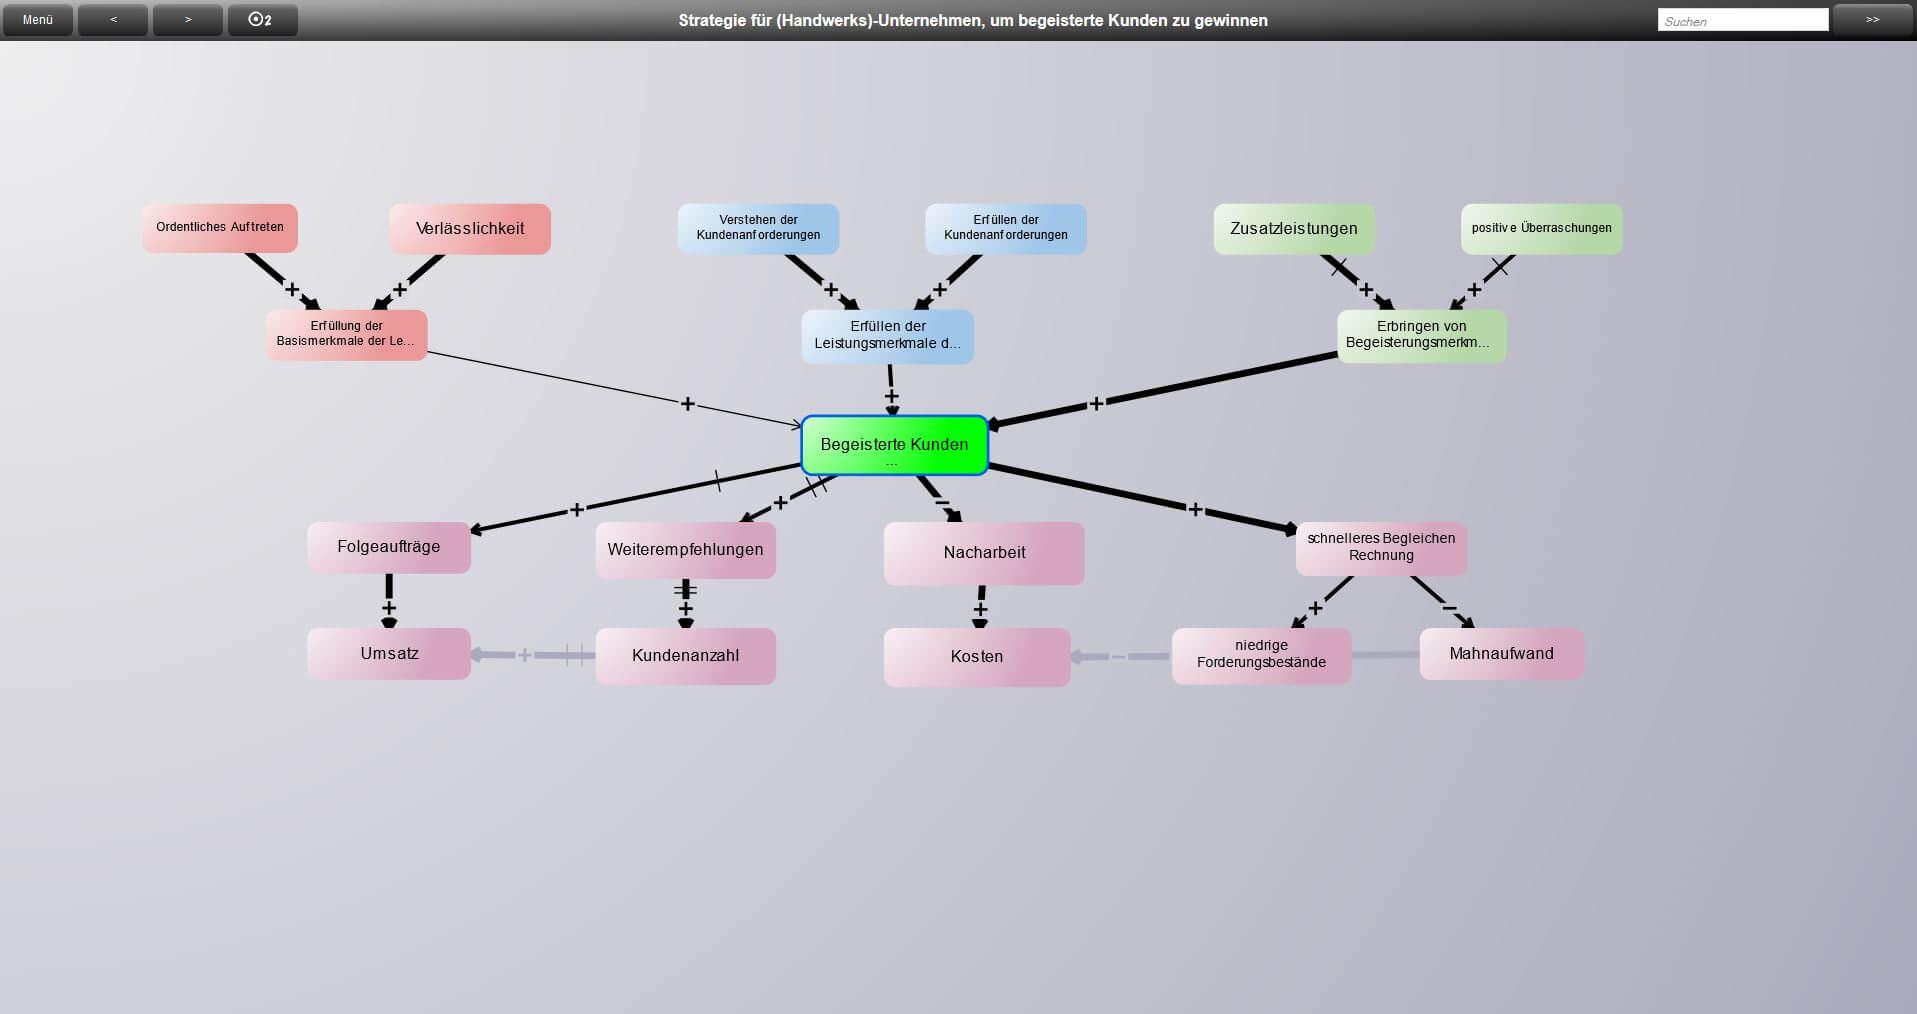 Kano Modell - mehr Faktoren und ihre Rückkoppelung